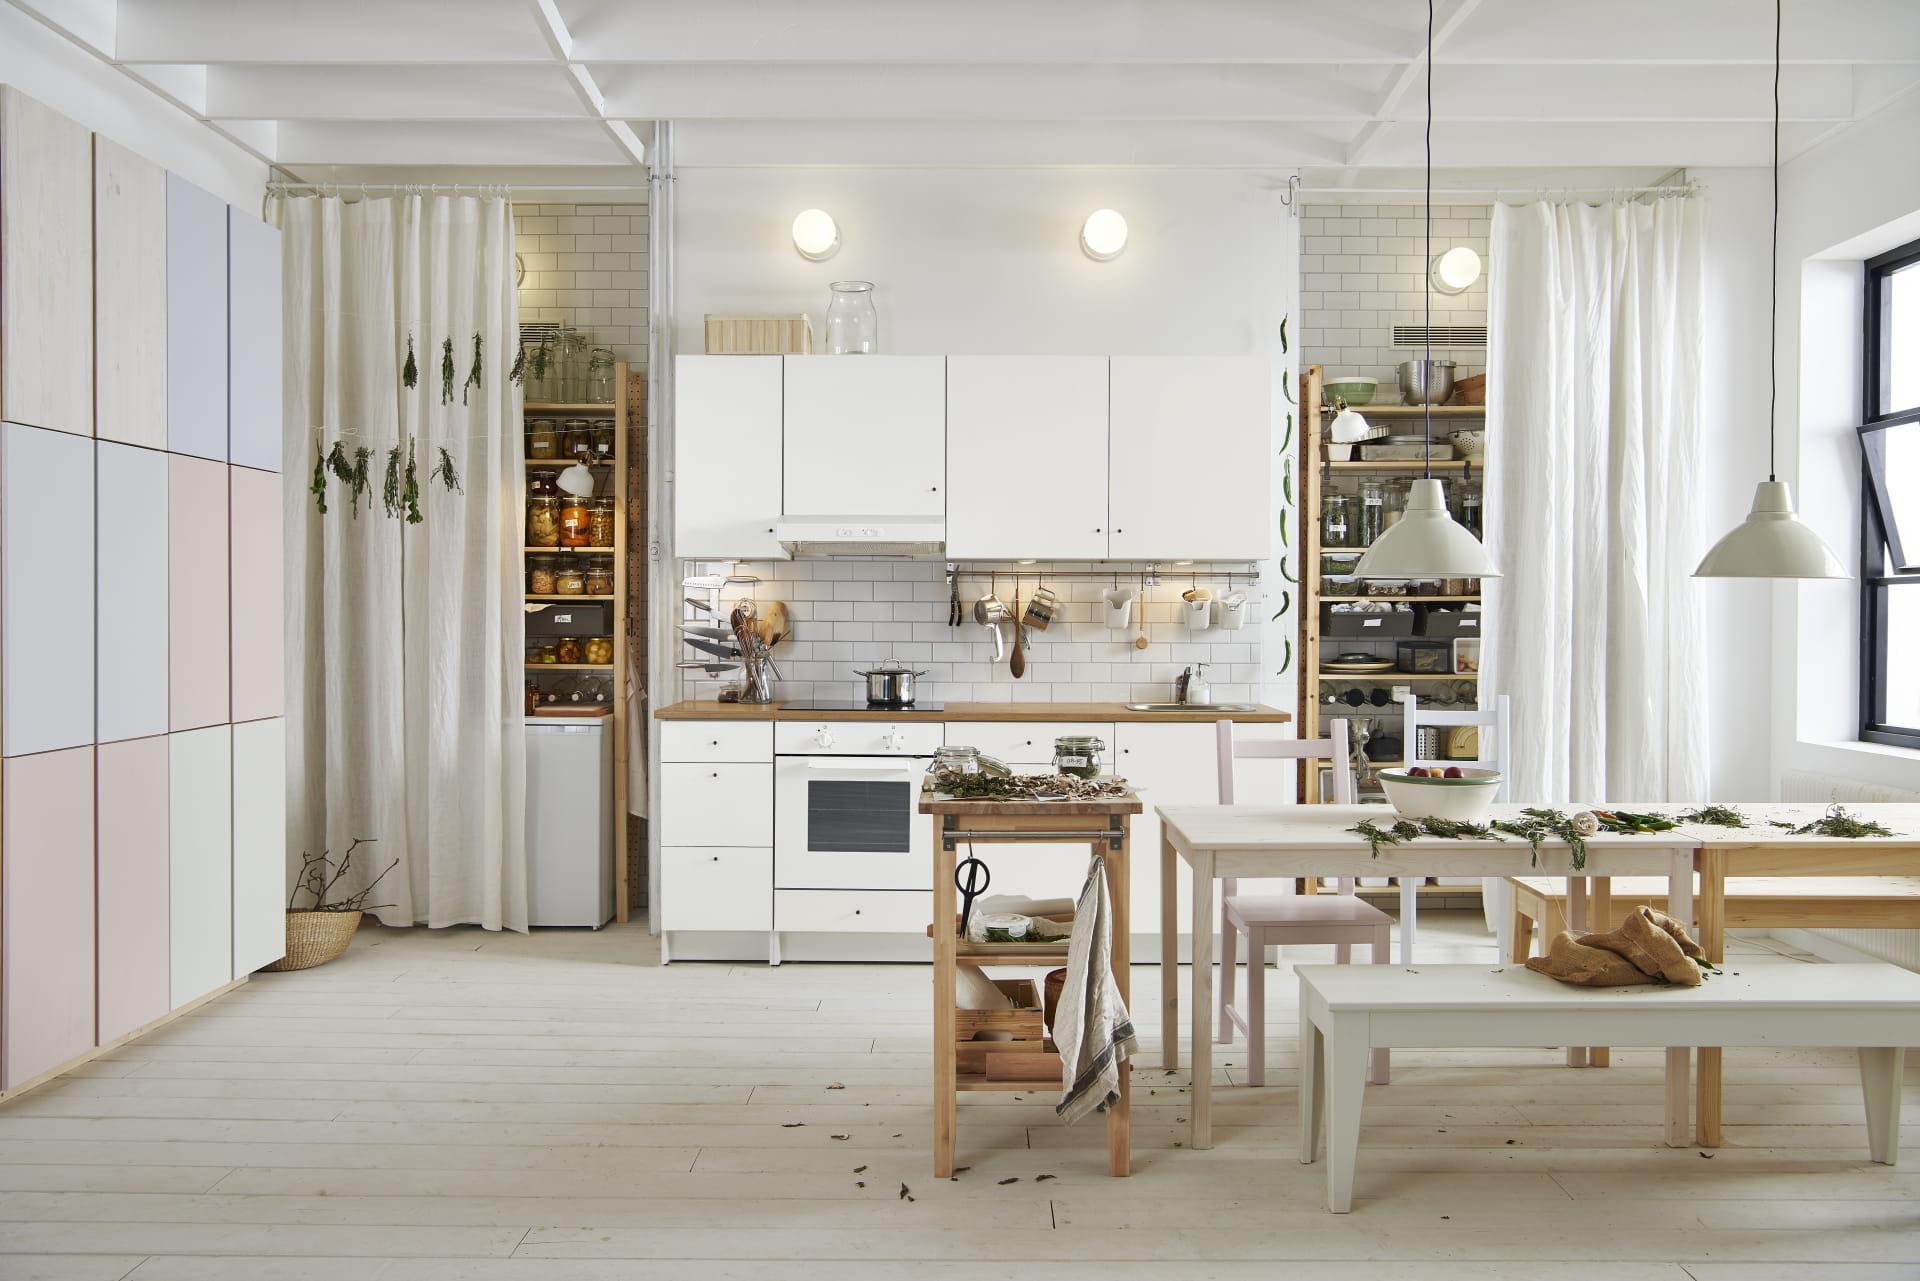 Cuisine Moderne Maison Ancienne : Cuisine Knoxhult par IKEA  Tous dans la cuisine avec les nouveautés